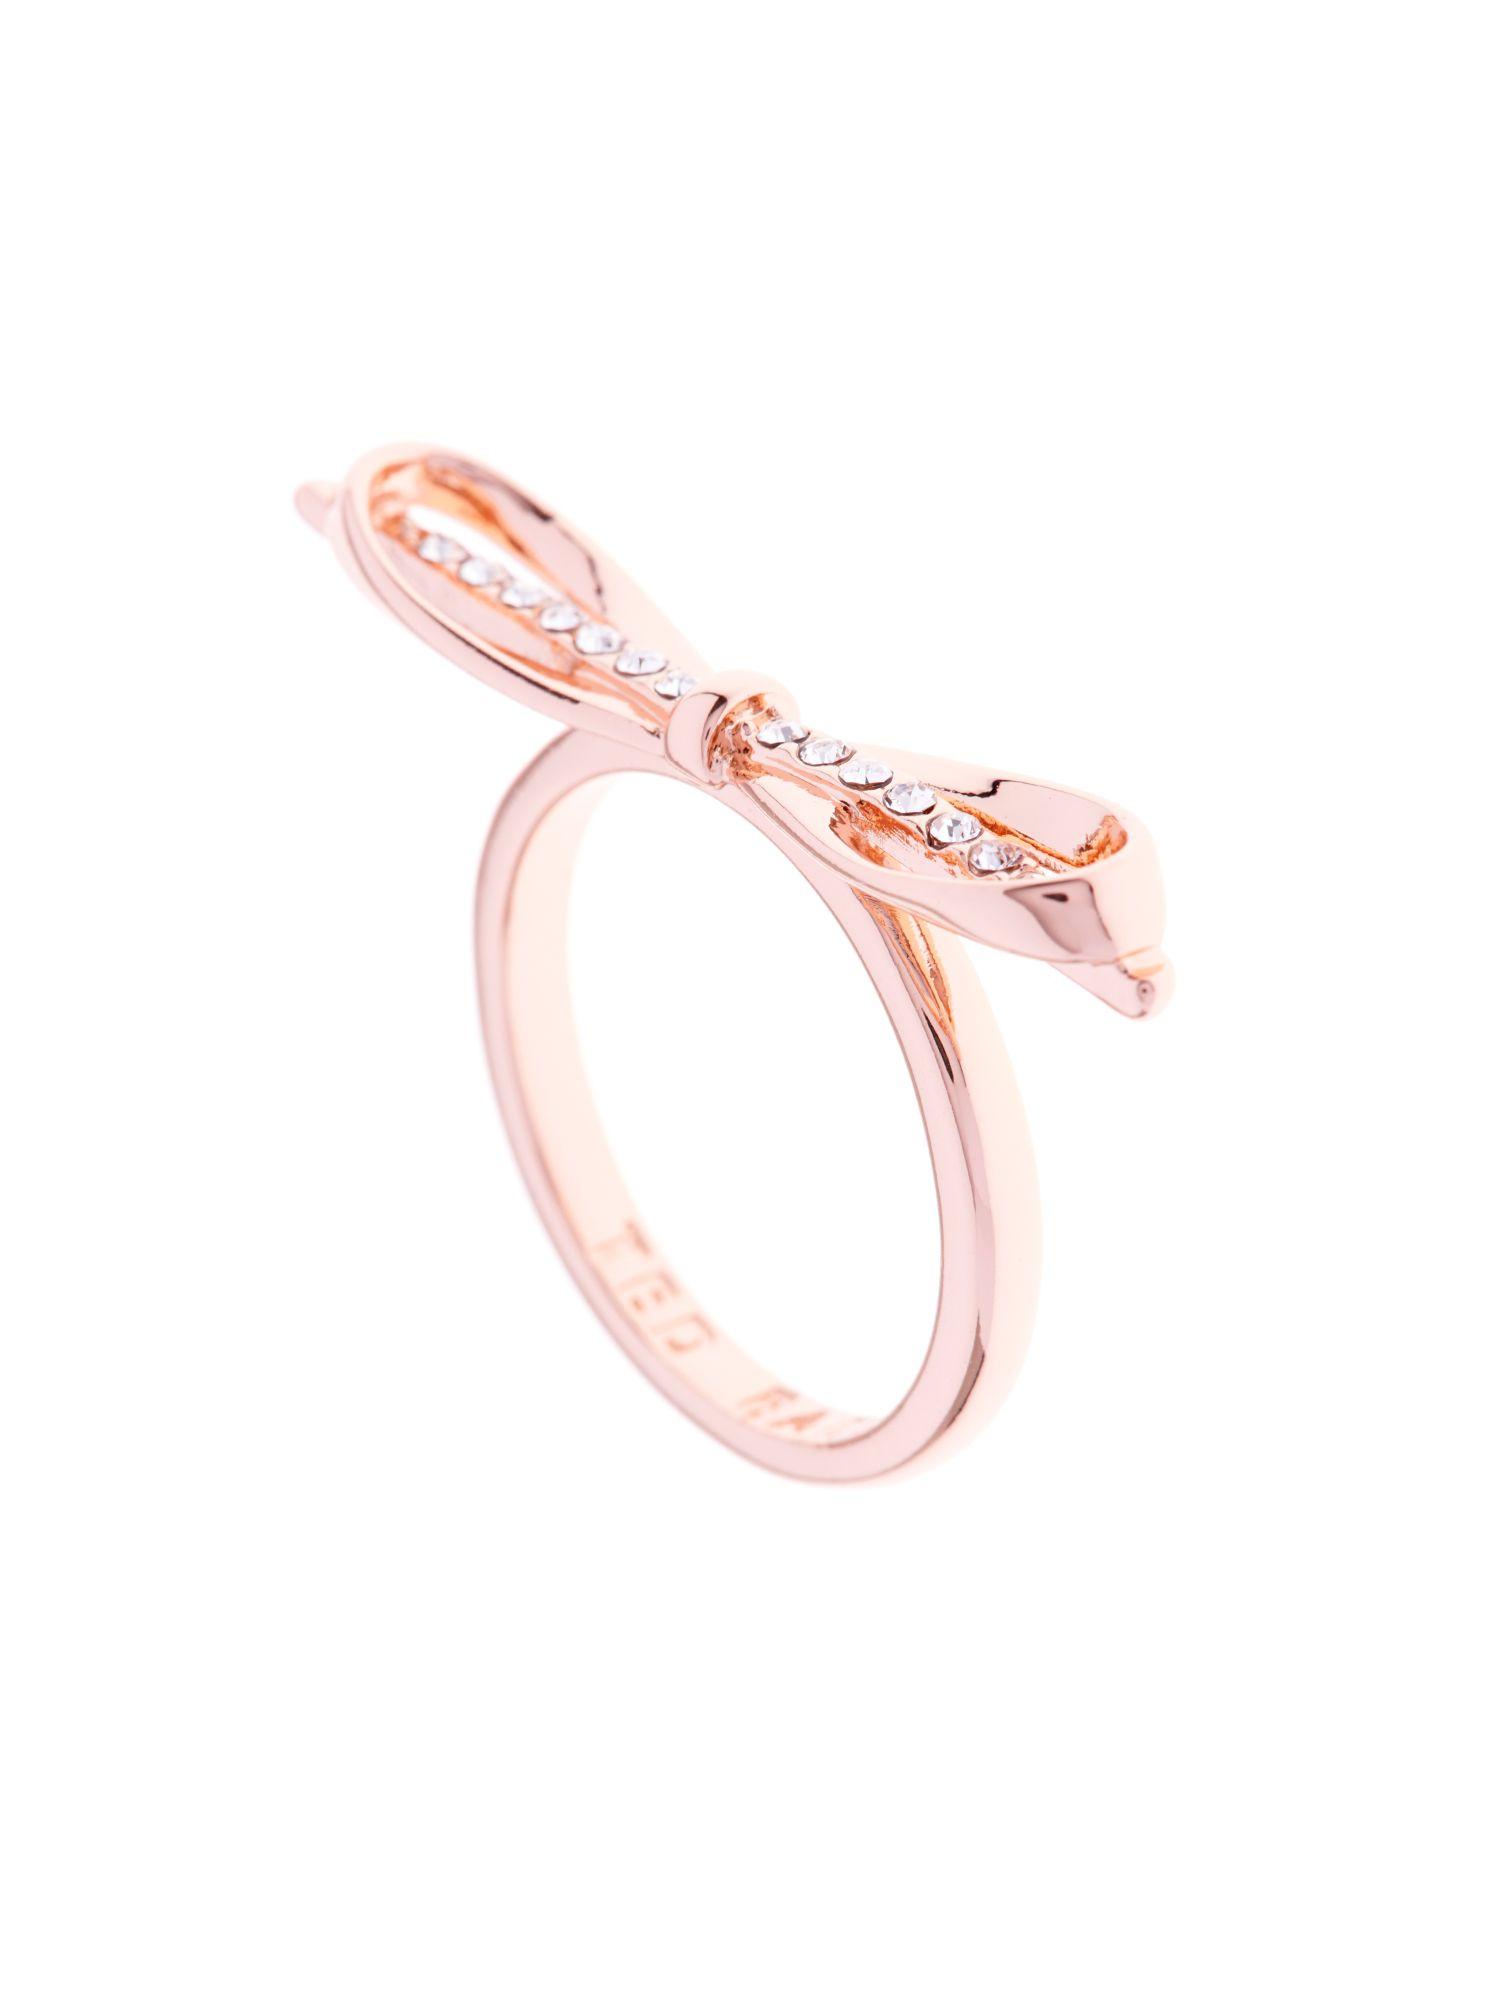 Ring Bow Il Gioiello Personalizzabile Con La Tua Nailart: Ted Baker Shilo Sleek Bow Ring In Pink